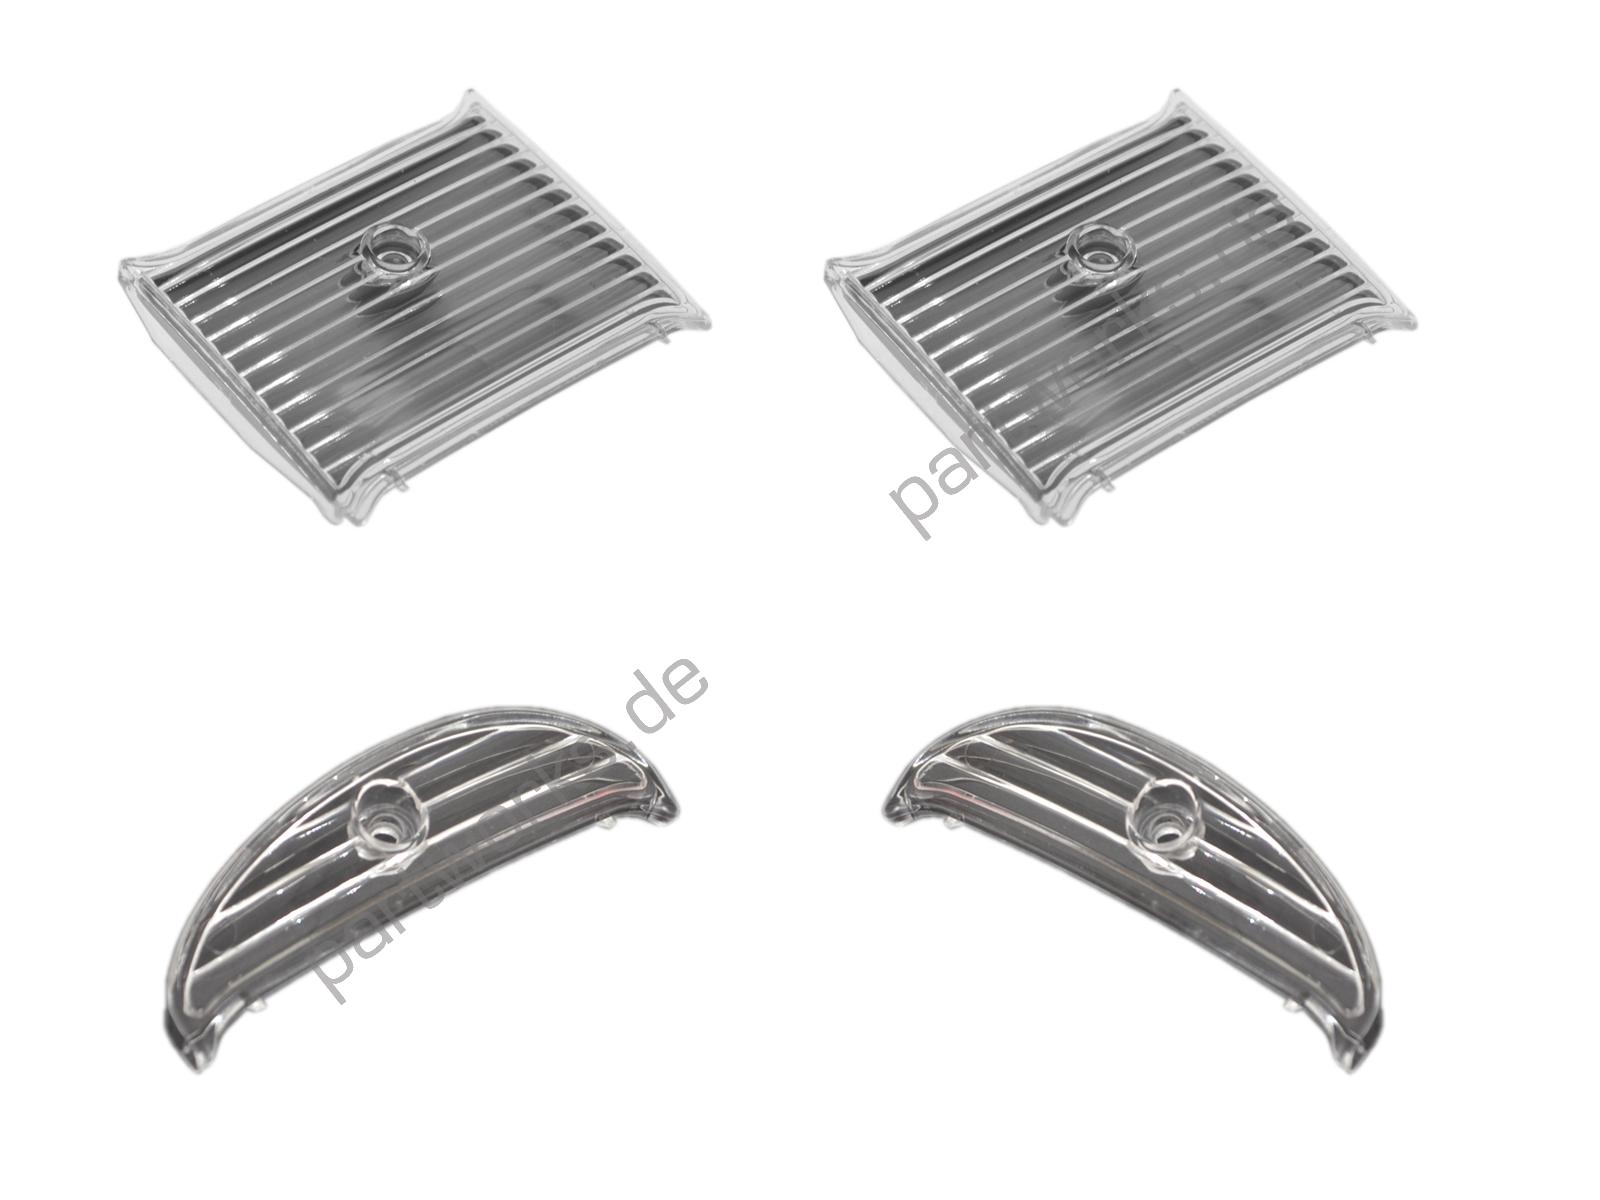 4 Blenden für Porsche 964 Nebelscheinwerfer/Blinker Komplettset